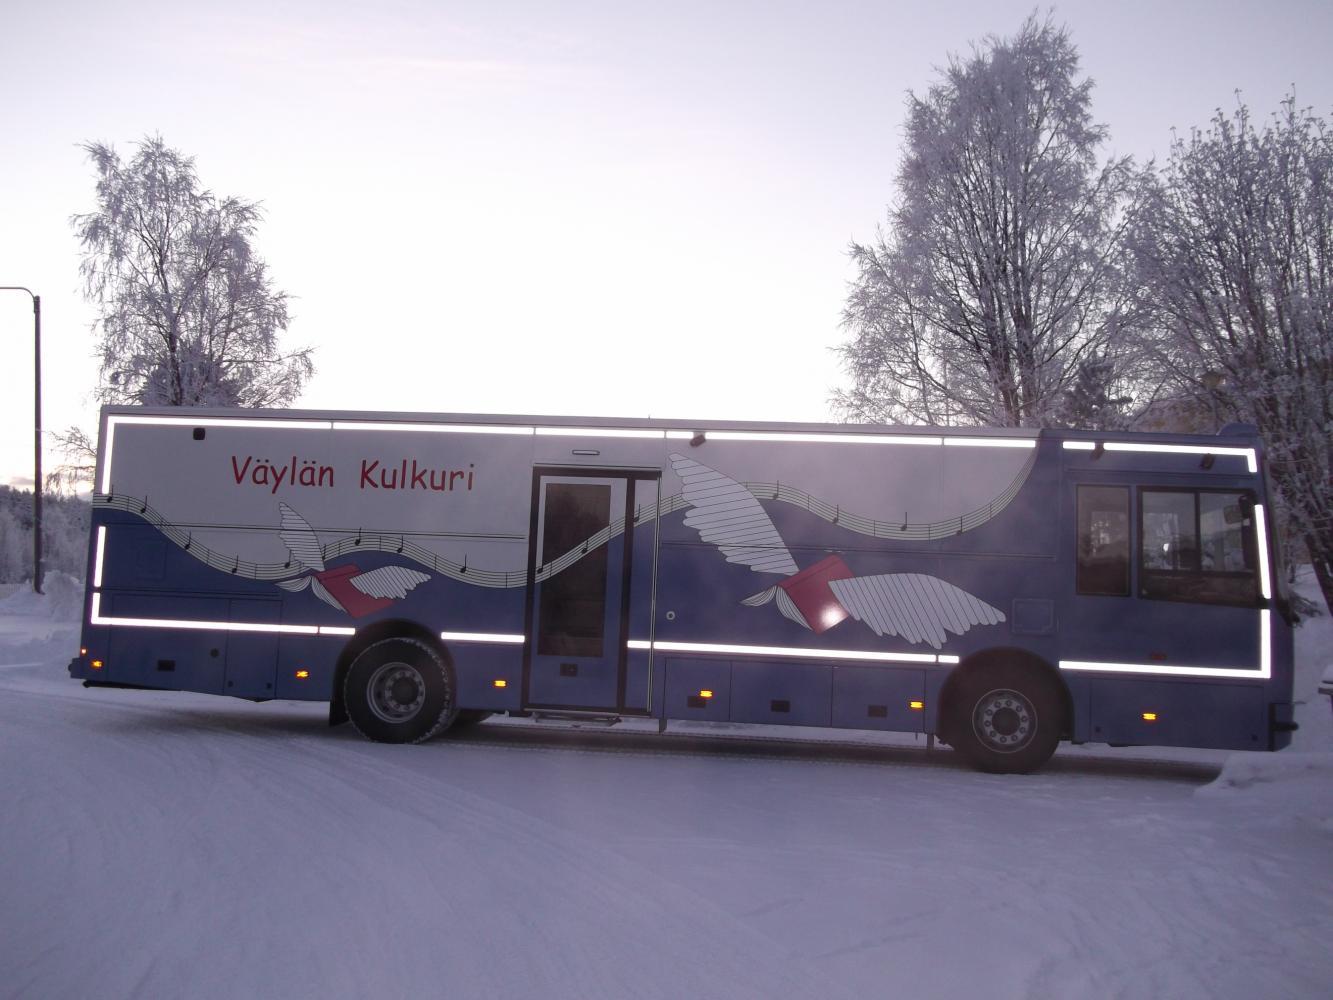 Tornionlaakson kirjastoauto Väylän kulkuri (Ylitornio ja Pello)